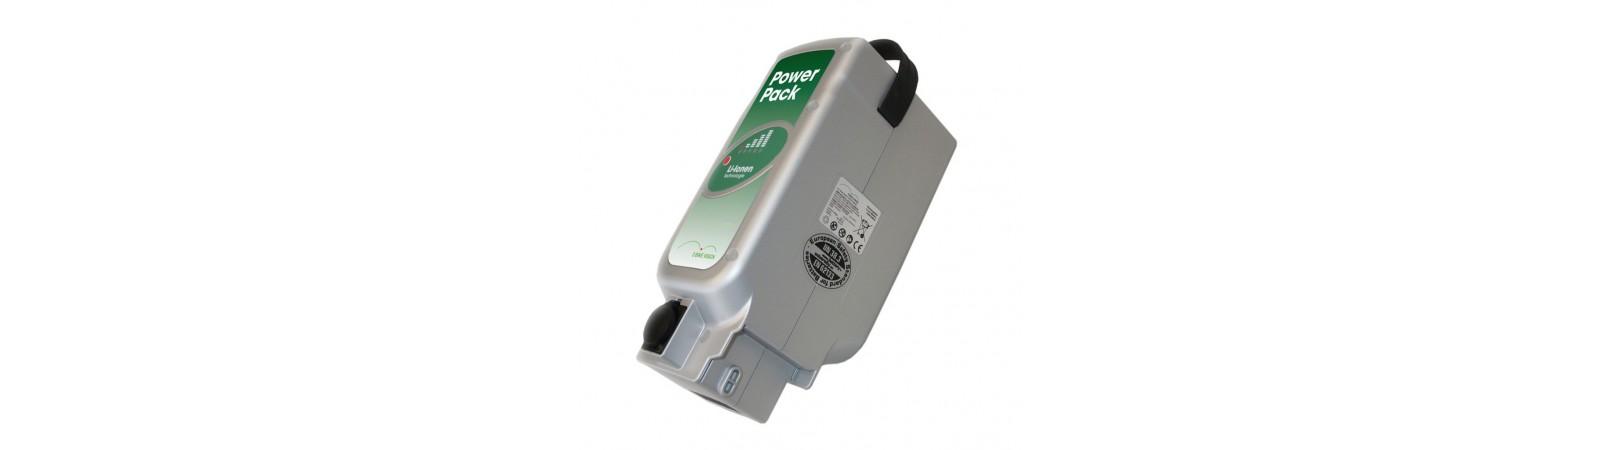 PANASONIC - Batterie & chargeur vélo électrique & VTTAE